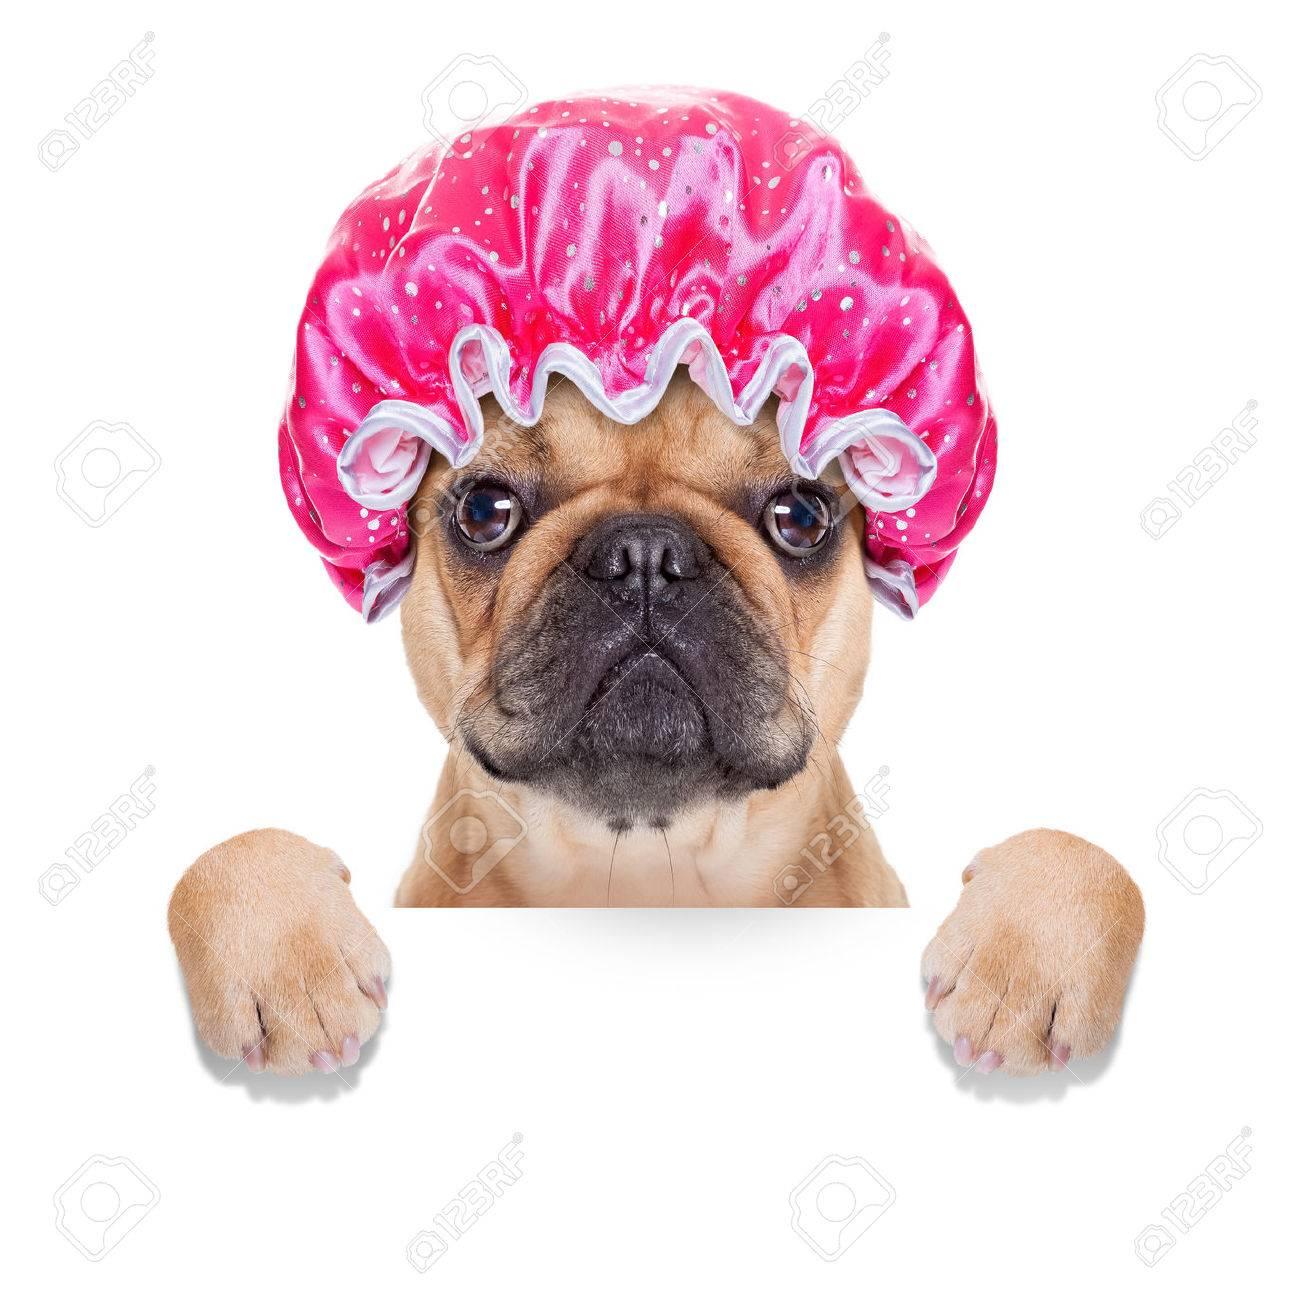 archivio fotografico cane bulldog francese pronto a fare un bagno o una doccia indossando una cuffia isolato su sfondo bianco